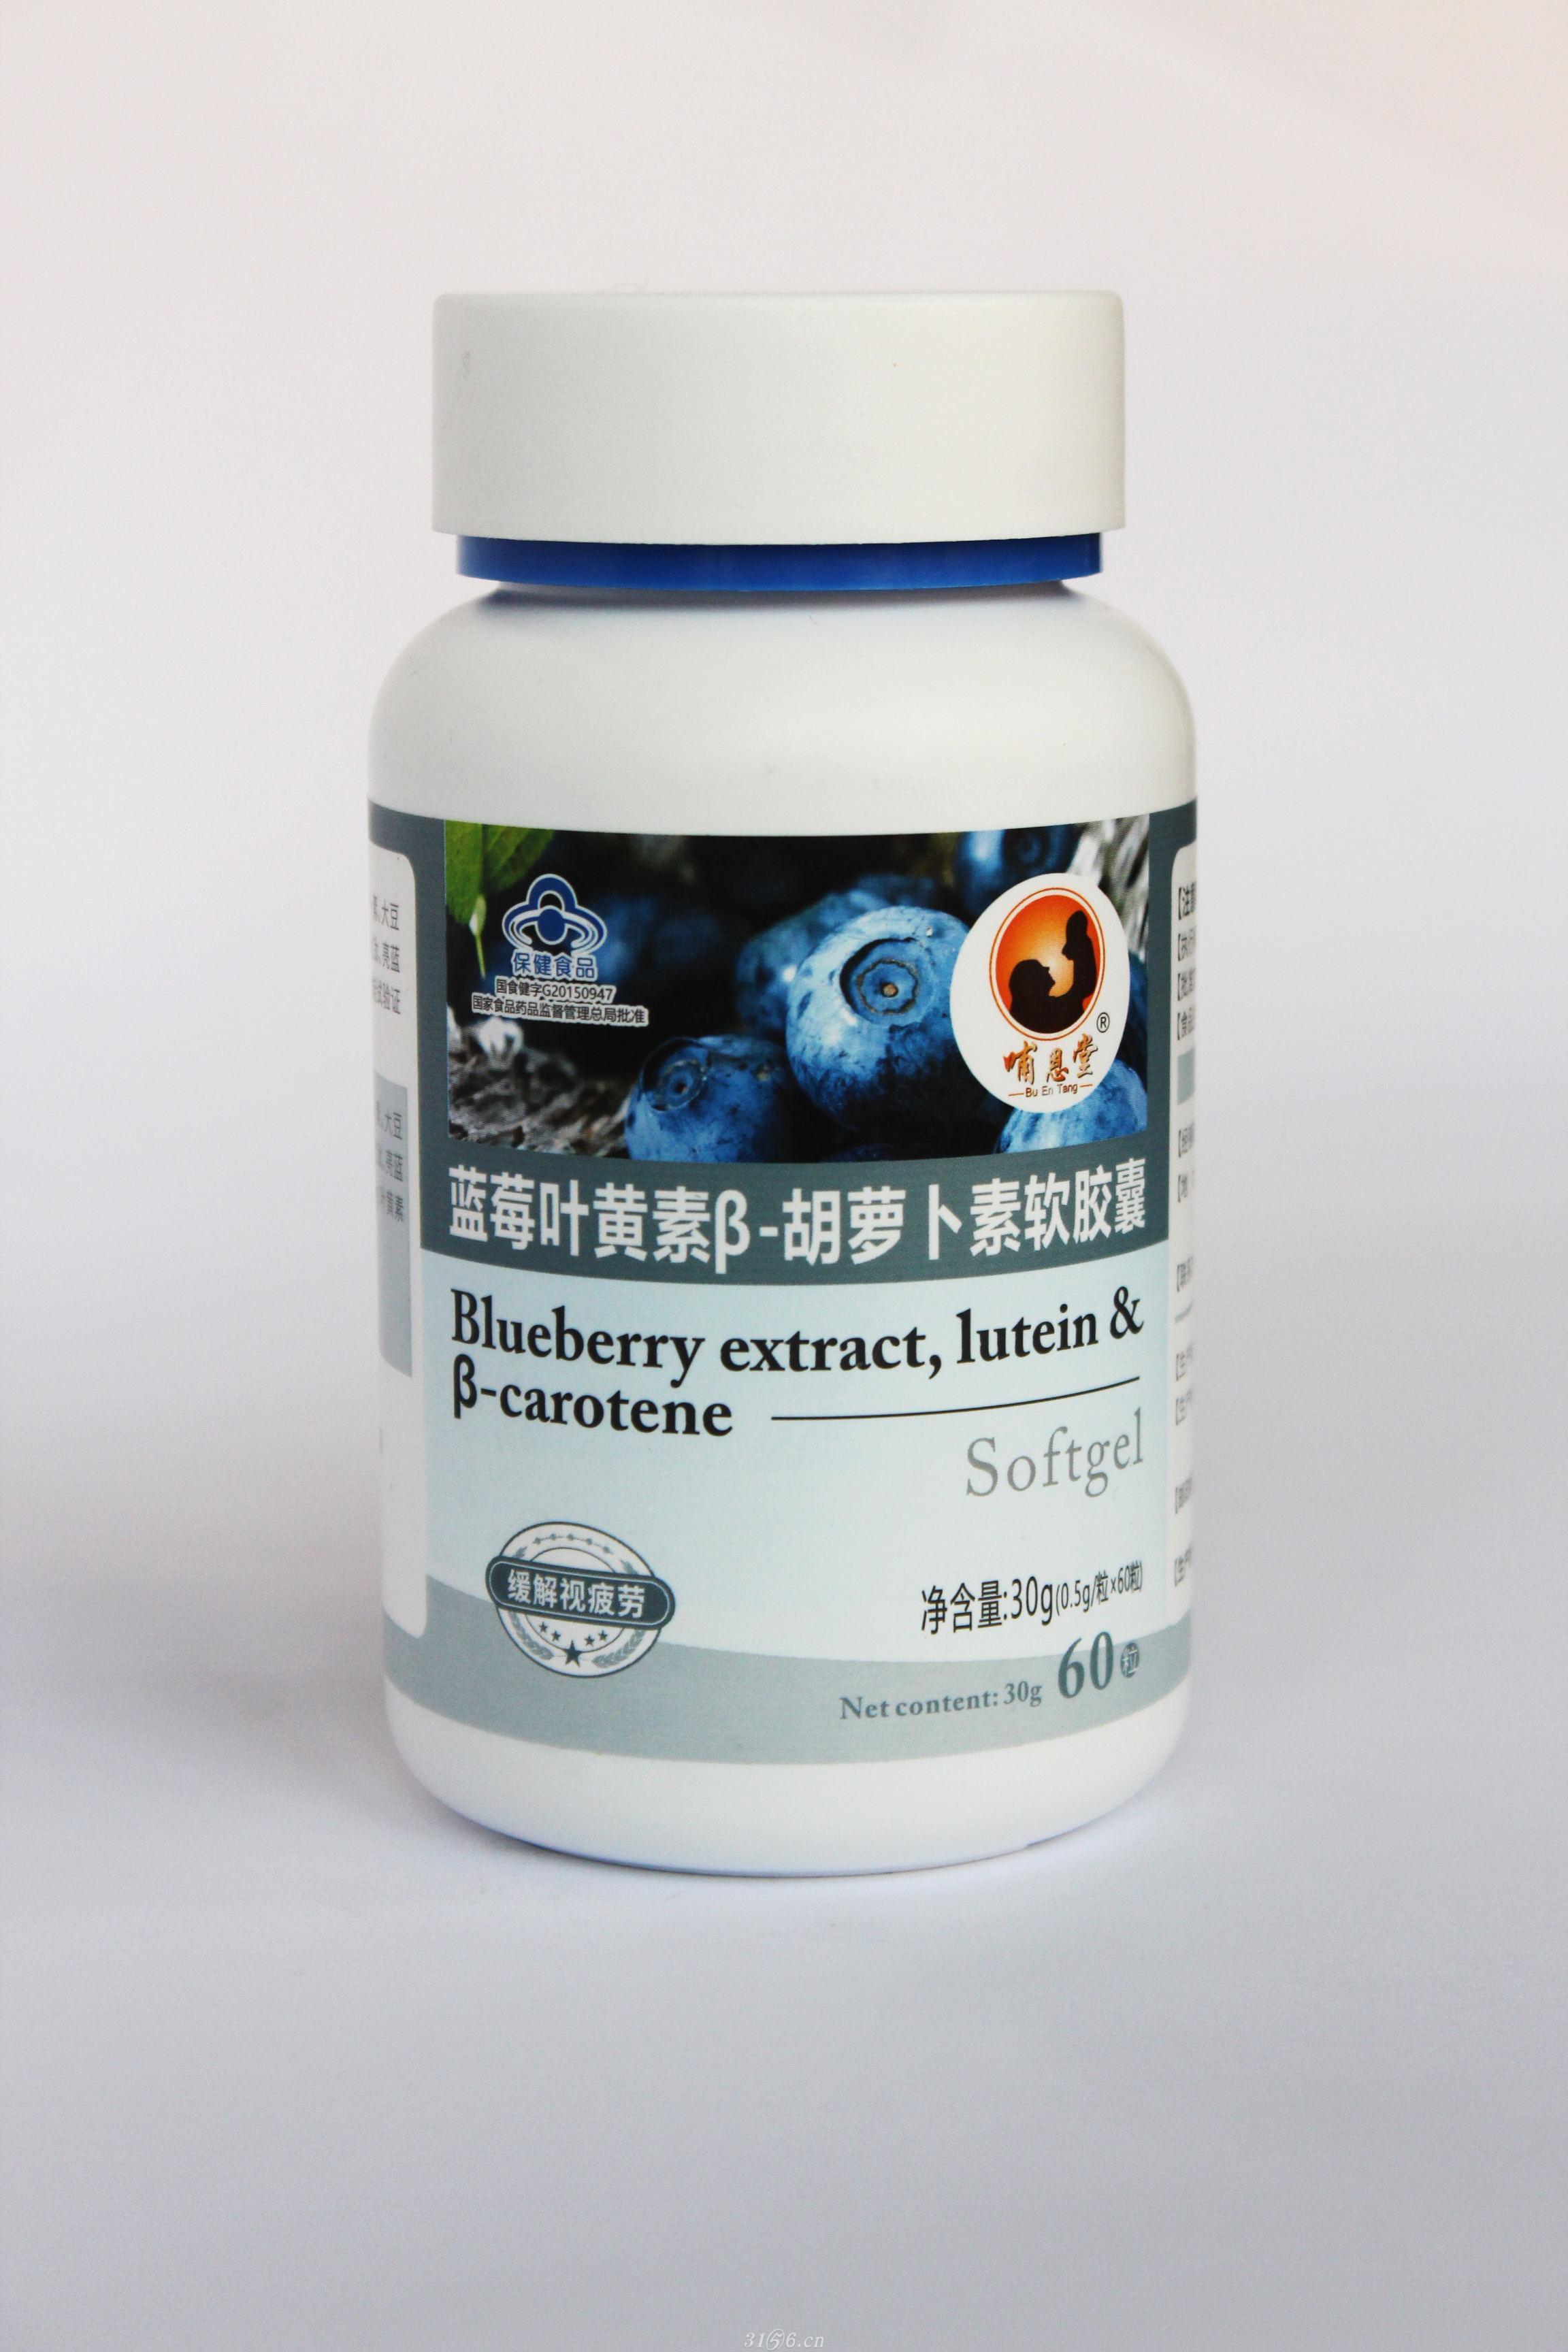 哺恩堂牌蓝莓叶黄素β-胡萝卜素软胶囊